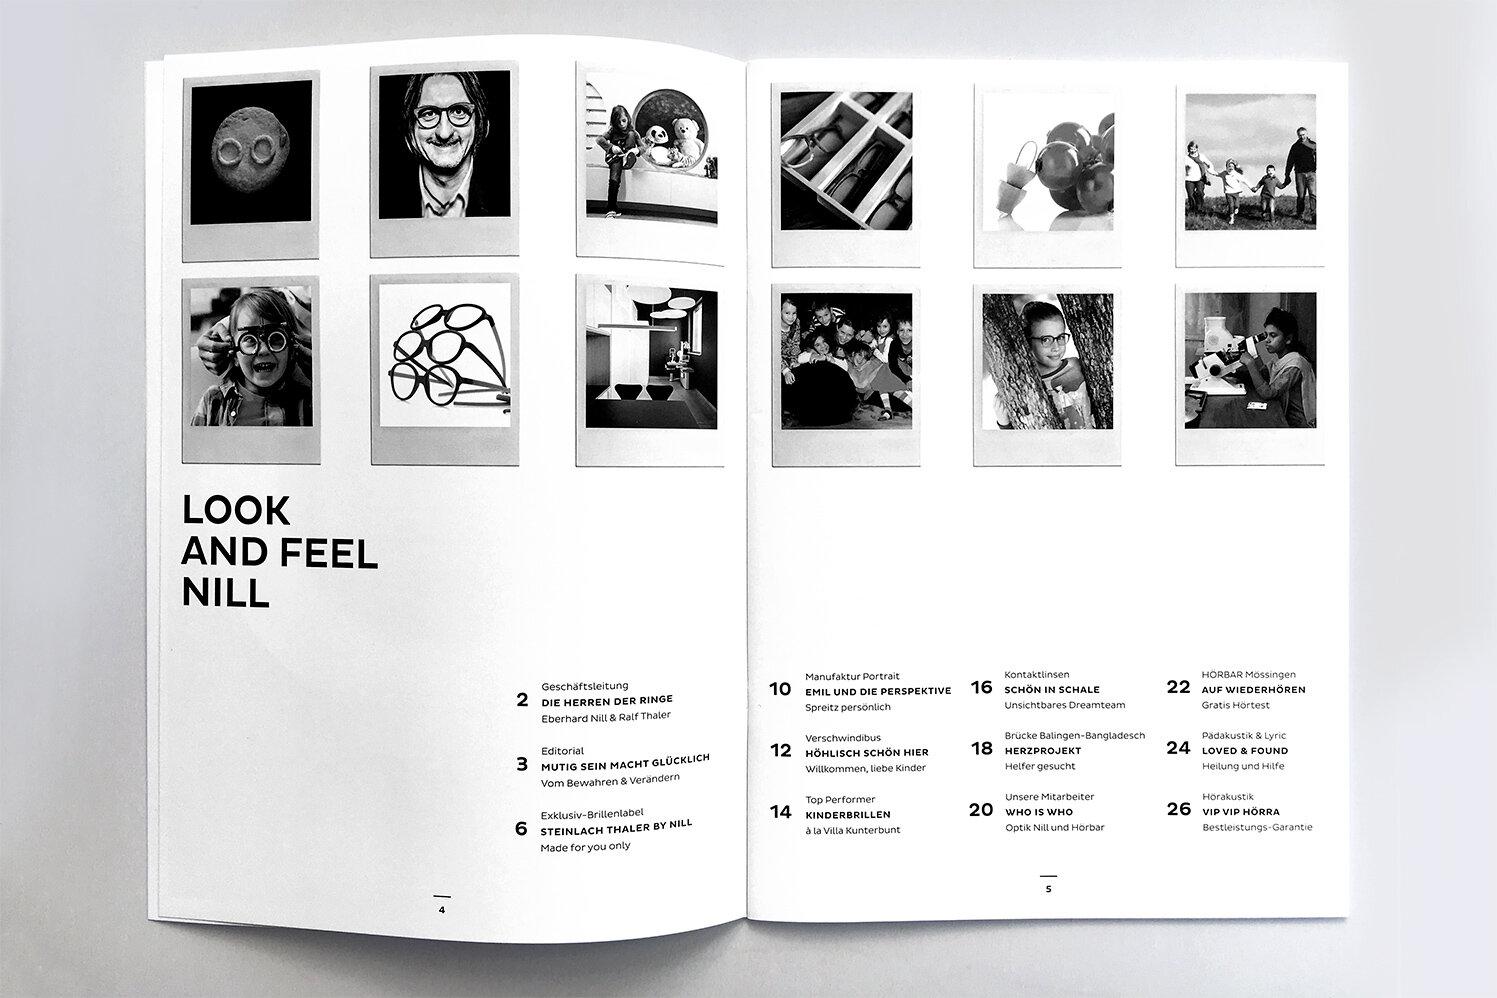 Agentur Nadine Nill Design, Bildmaterial Optik Nill, Portraitfoto Emil Spreitz